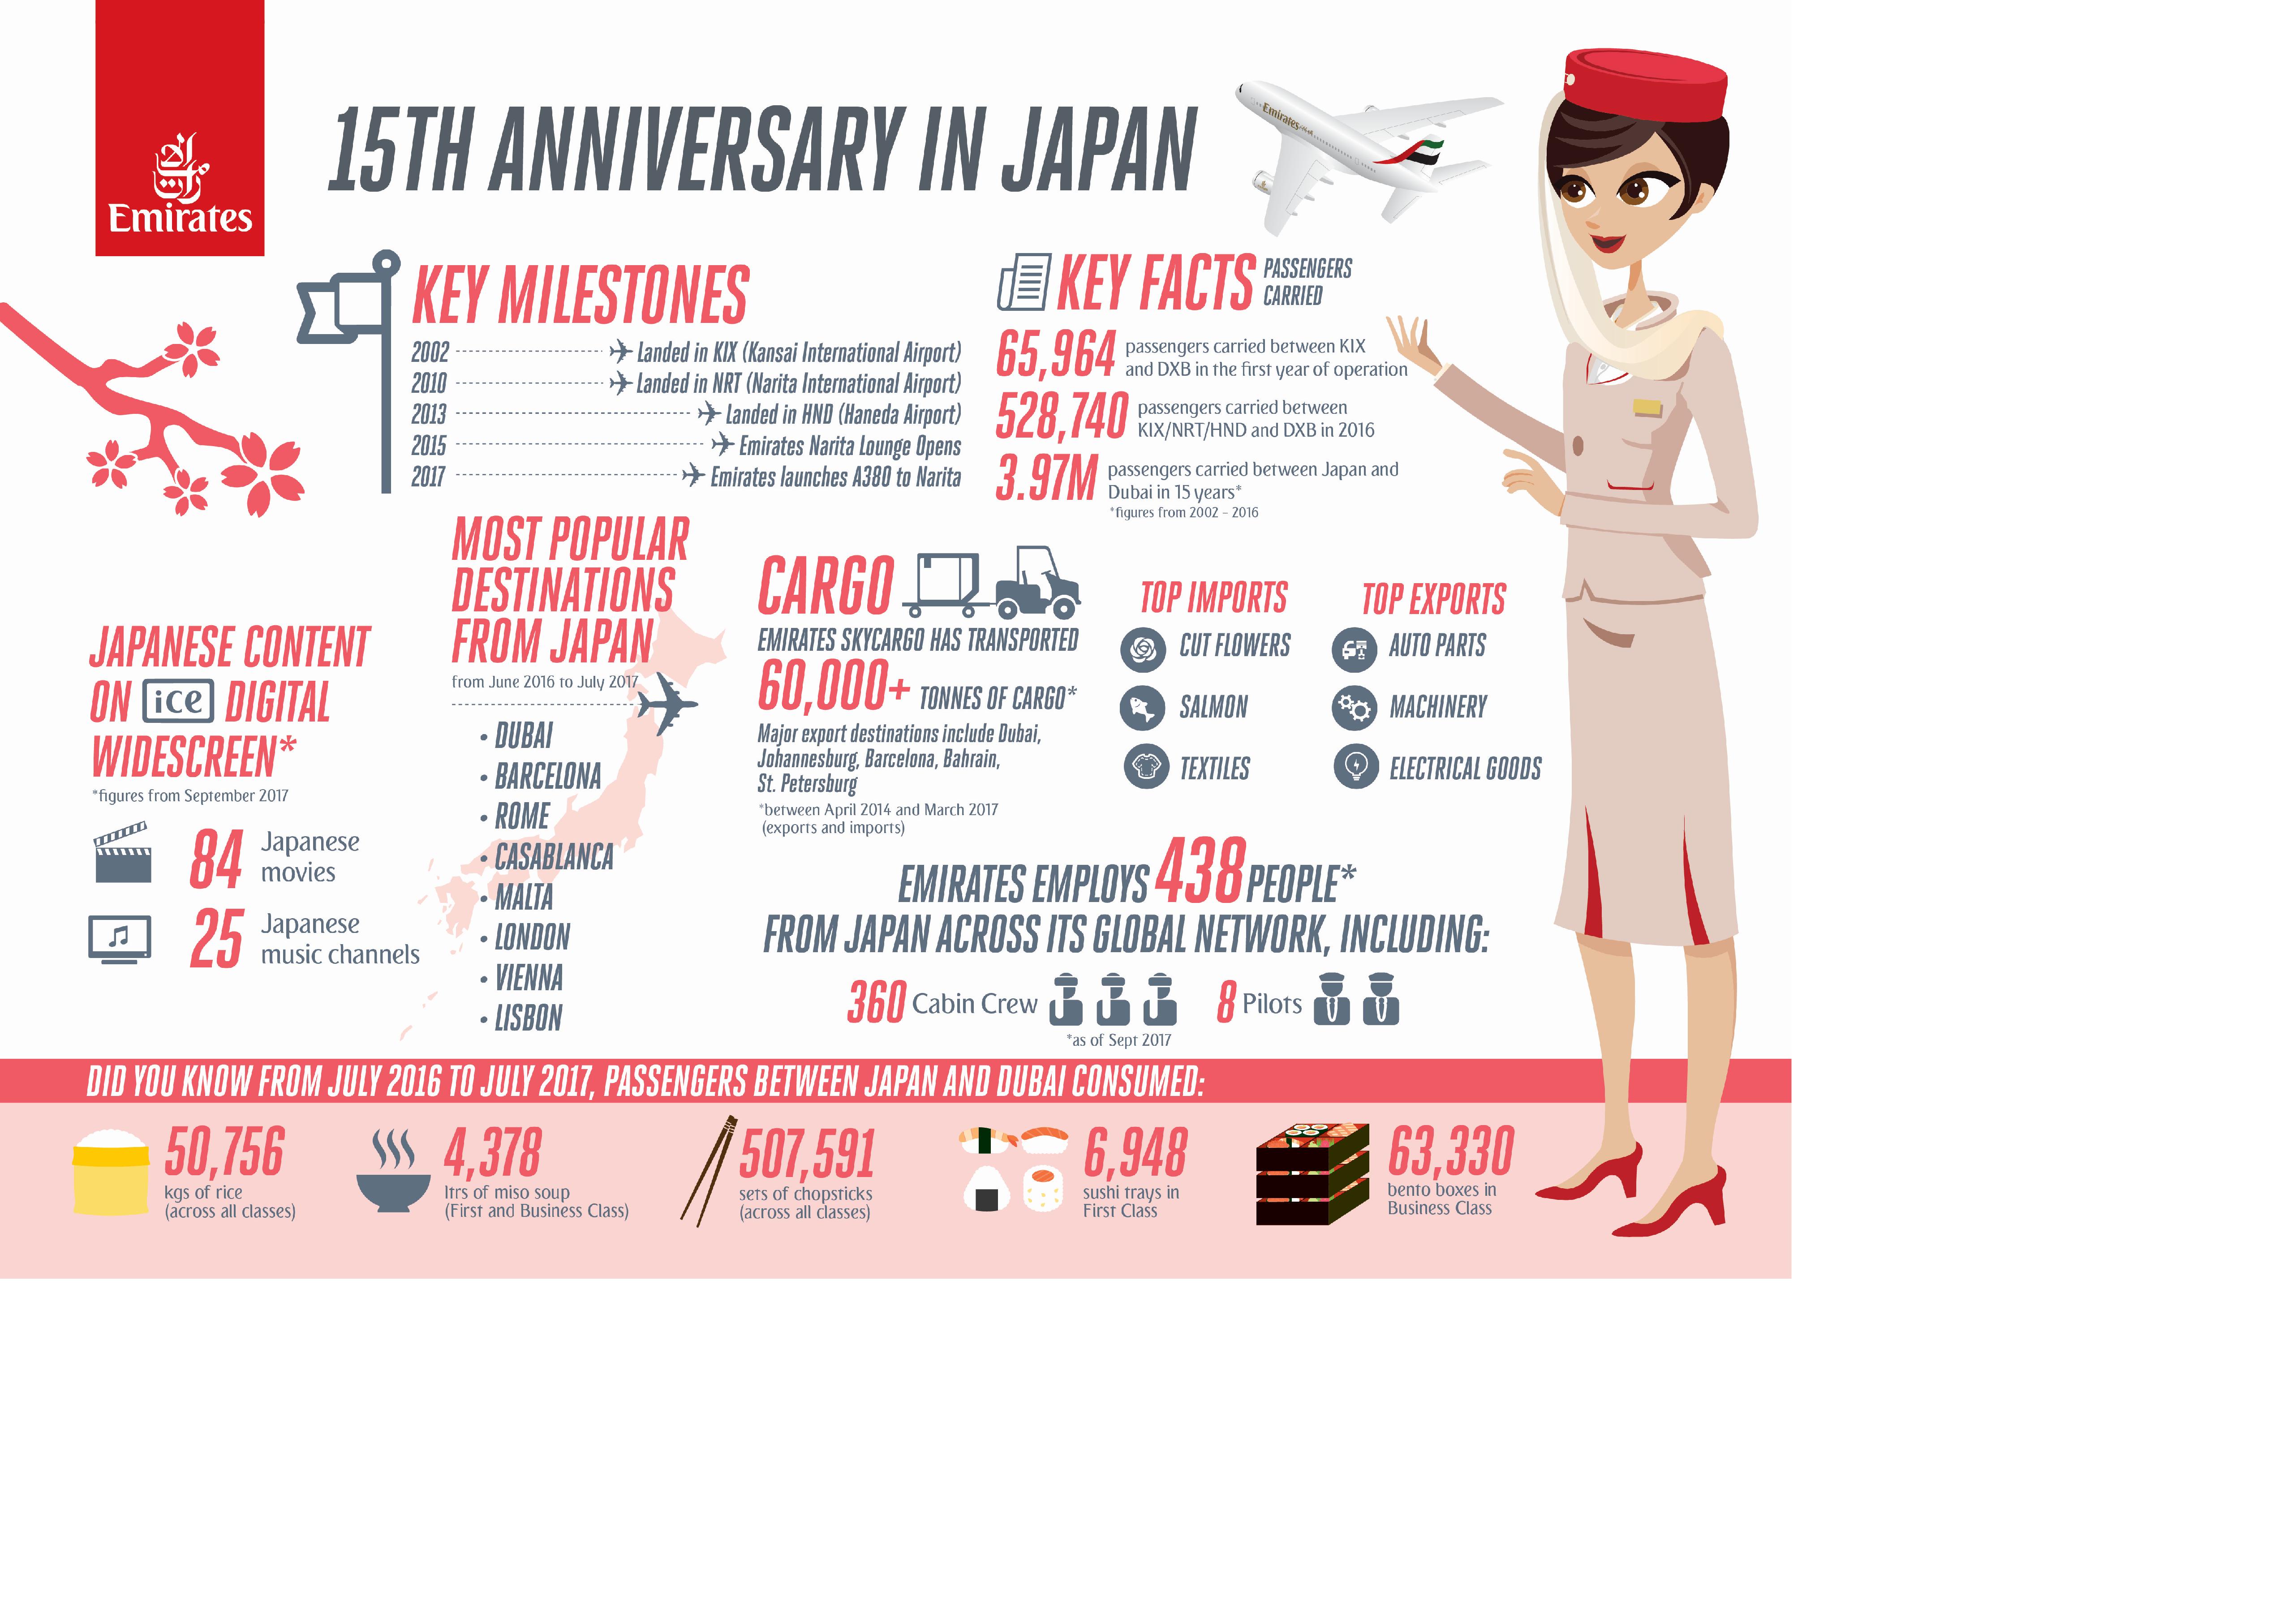 Emirates infographic